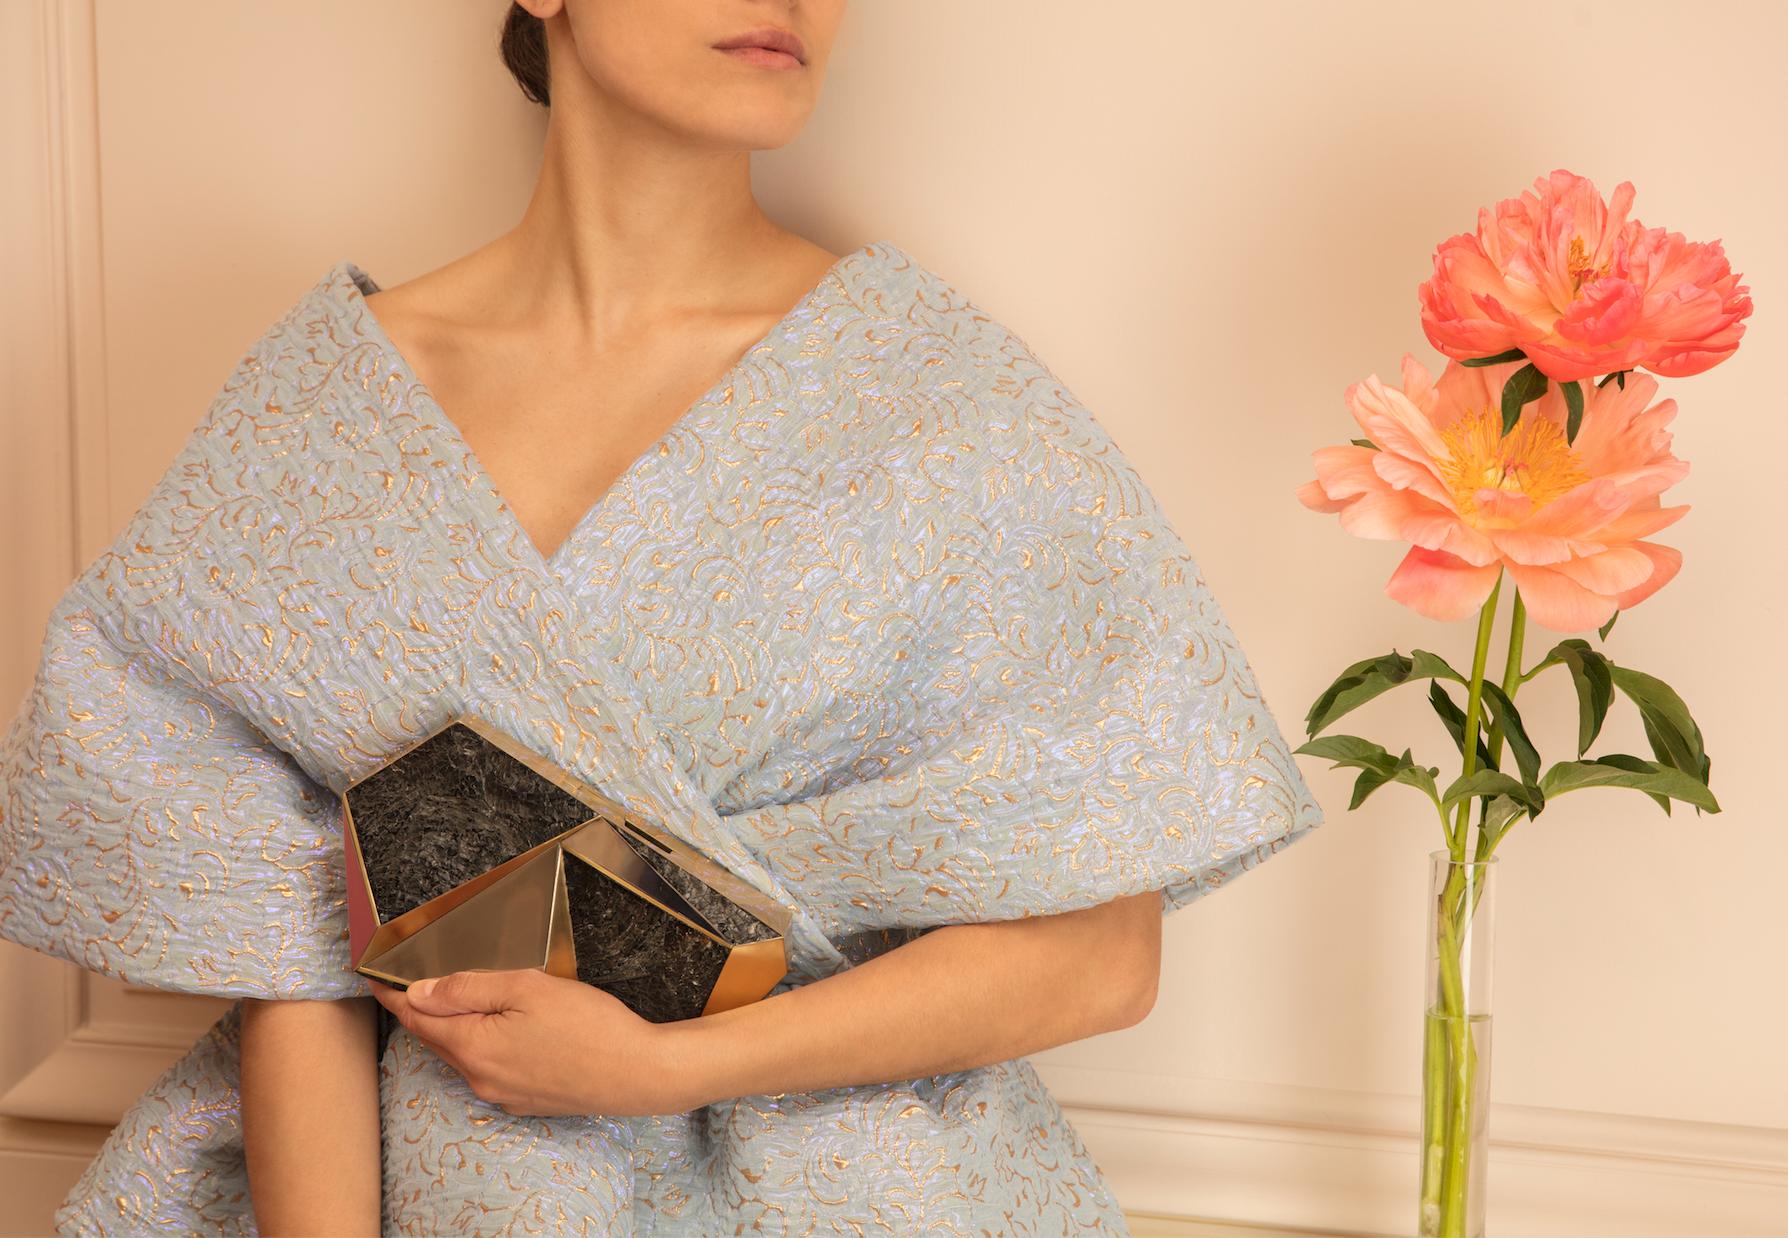 """Rafē """"Azura"""" minaudière paired with a dress by Del Pozo."""